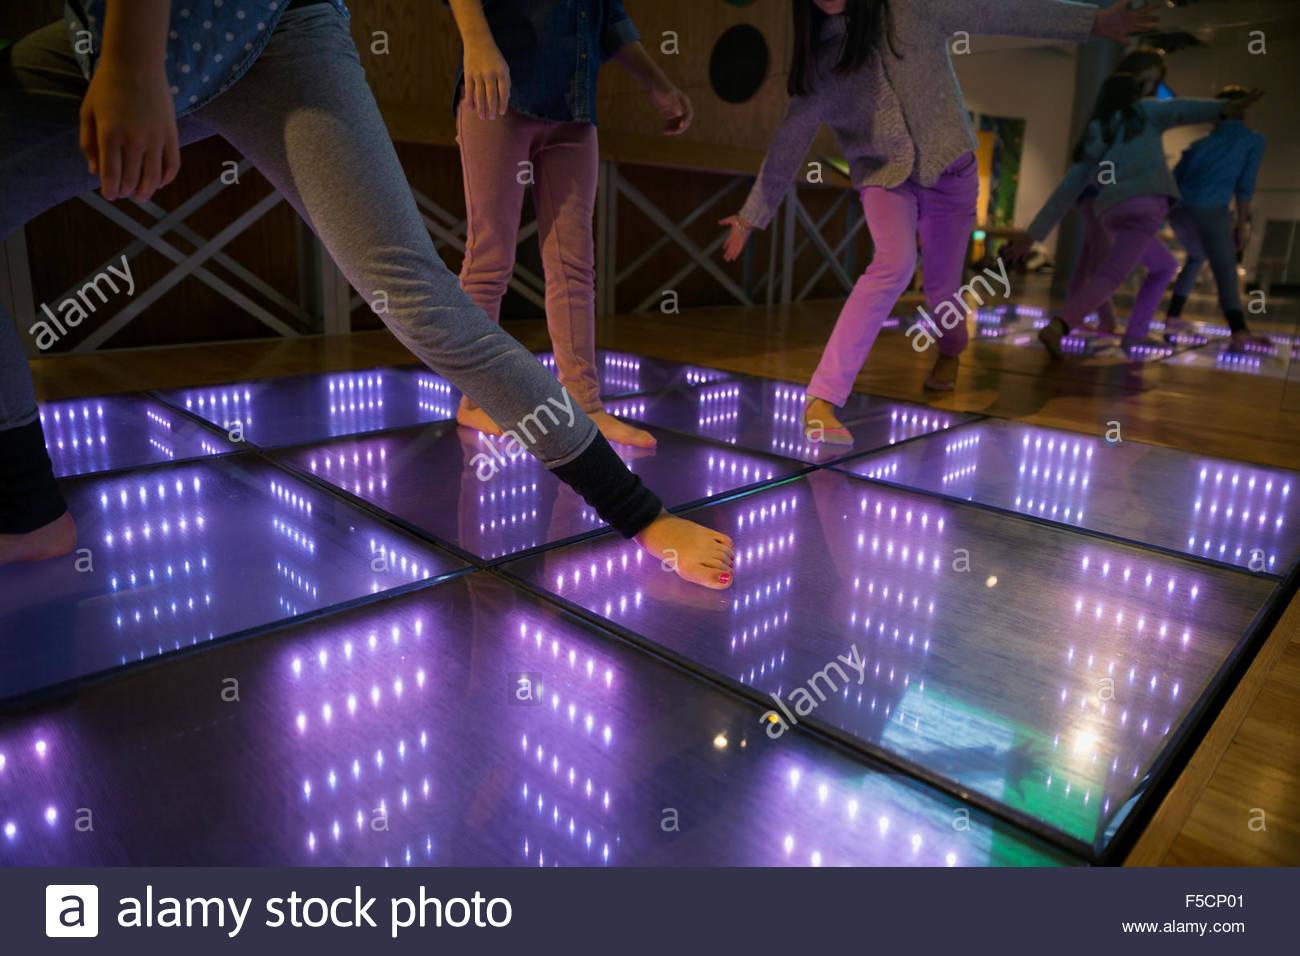 Barfuß Mädchen tanzen beleuchtete Boden Wissenschaftszentrum ausstellen Stockfoto